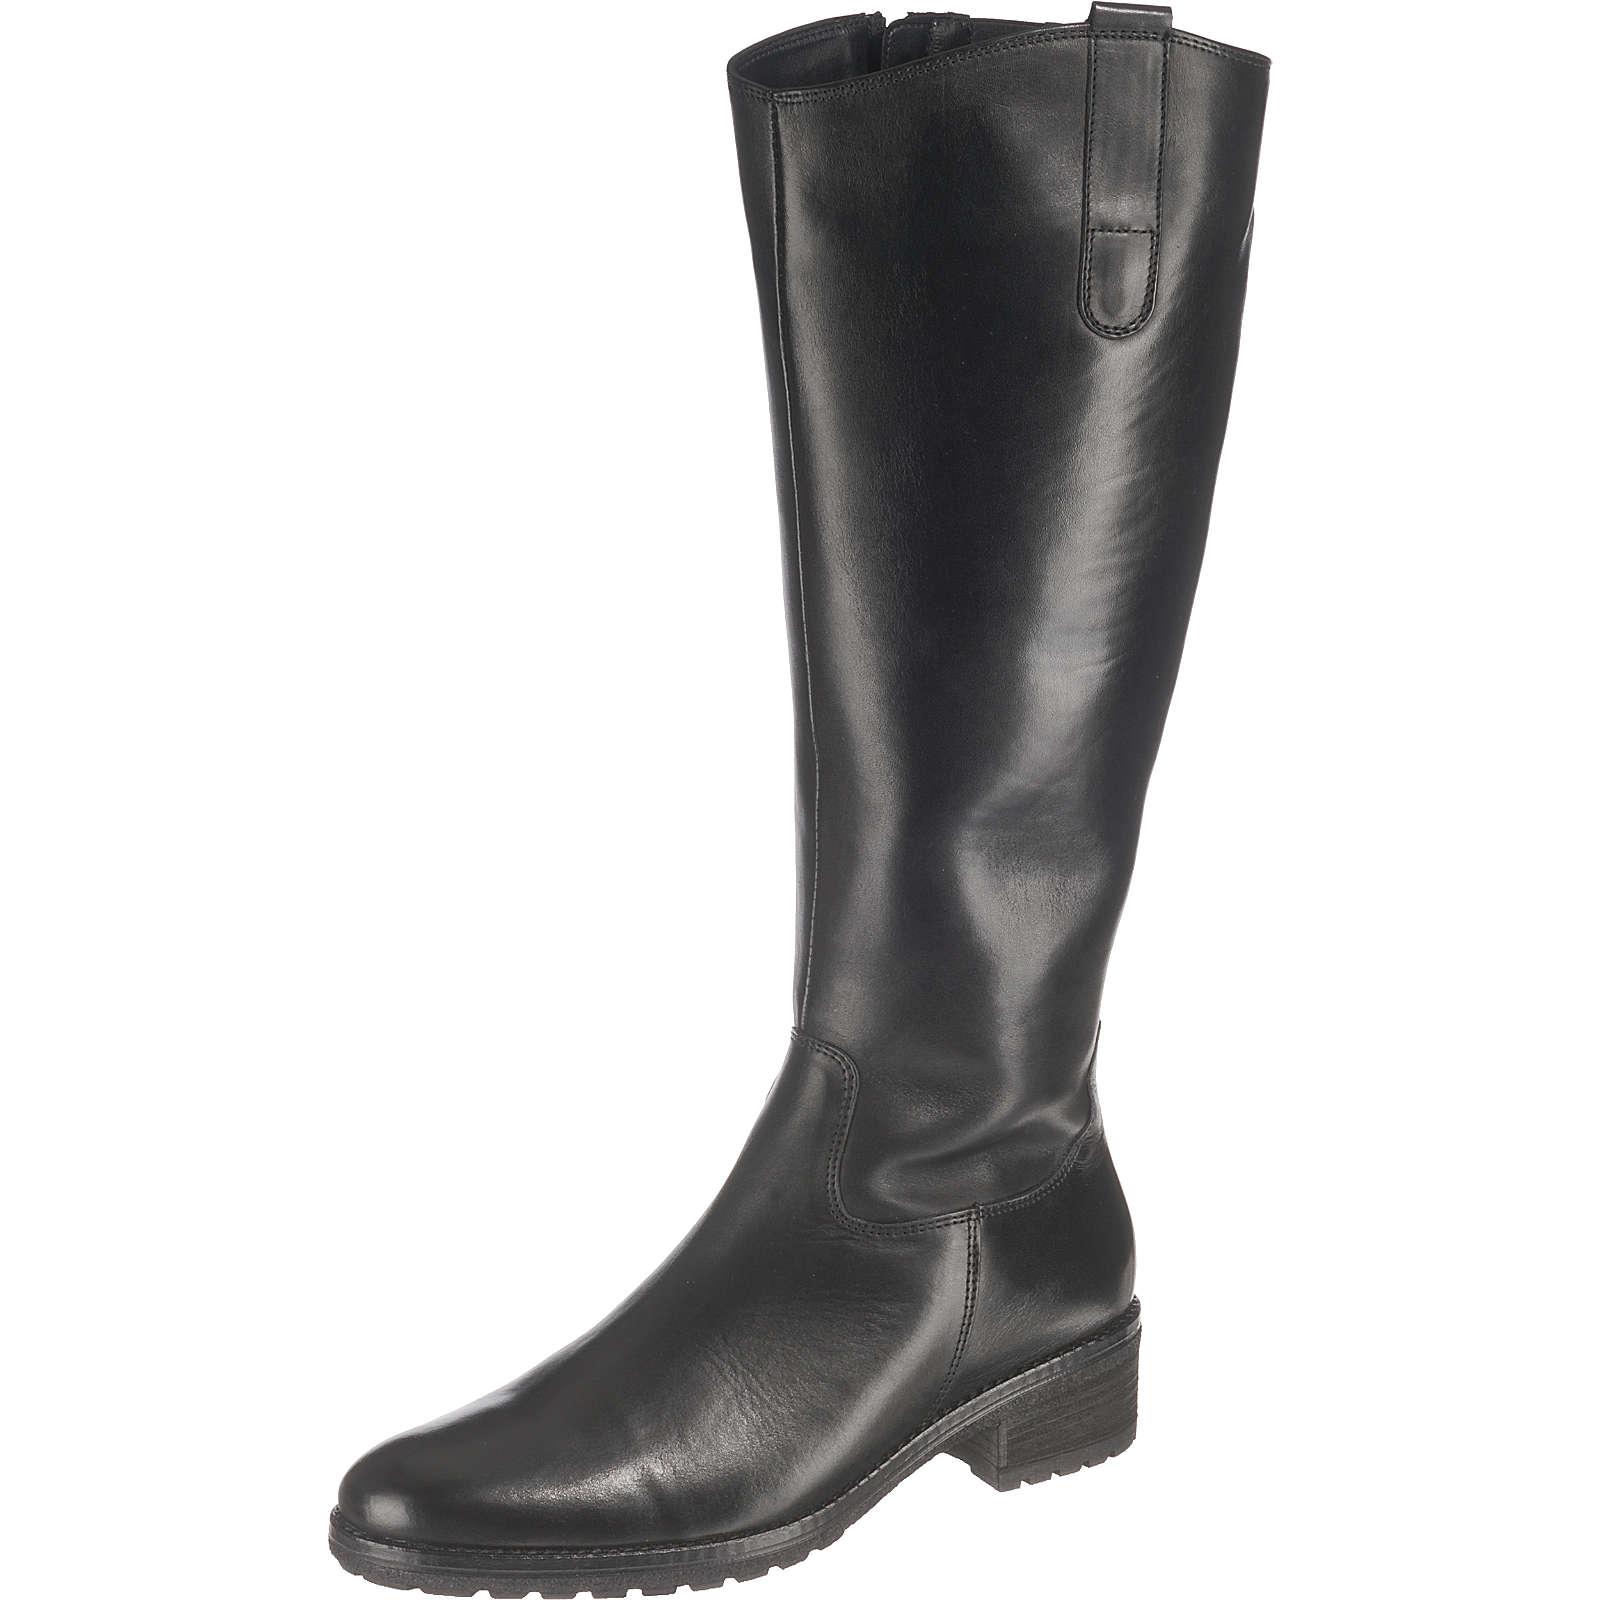 Gabor Klassische Stiefel schwarz Damen Gr. 38